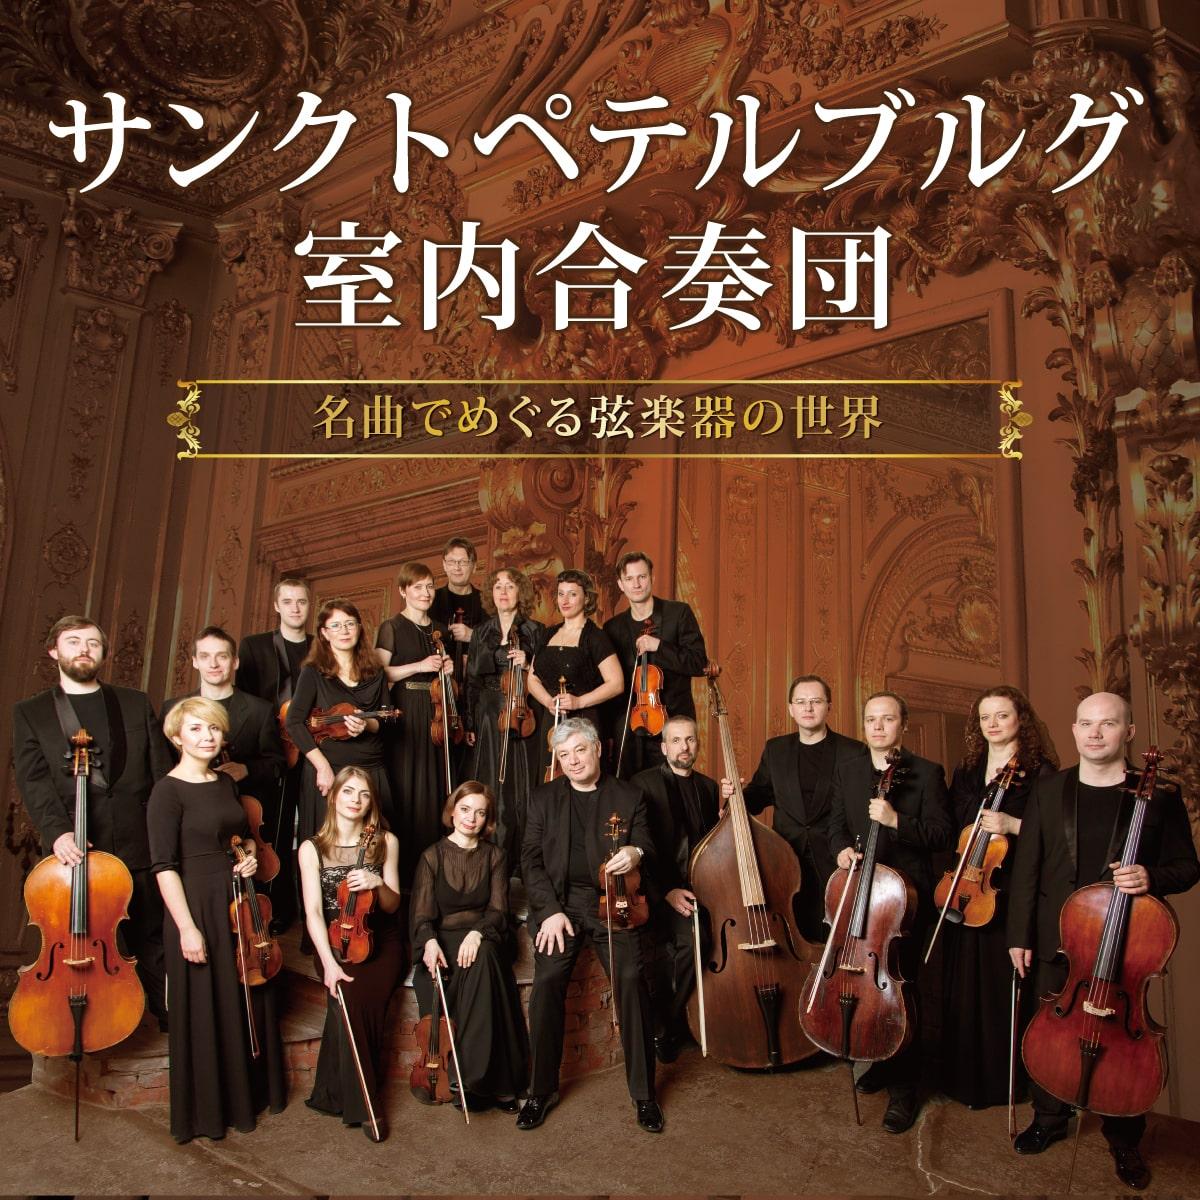 サンクトペテルブルグ室内合奏団 名曲でめぐる弦楽器の世界